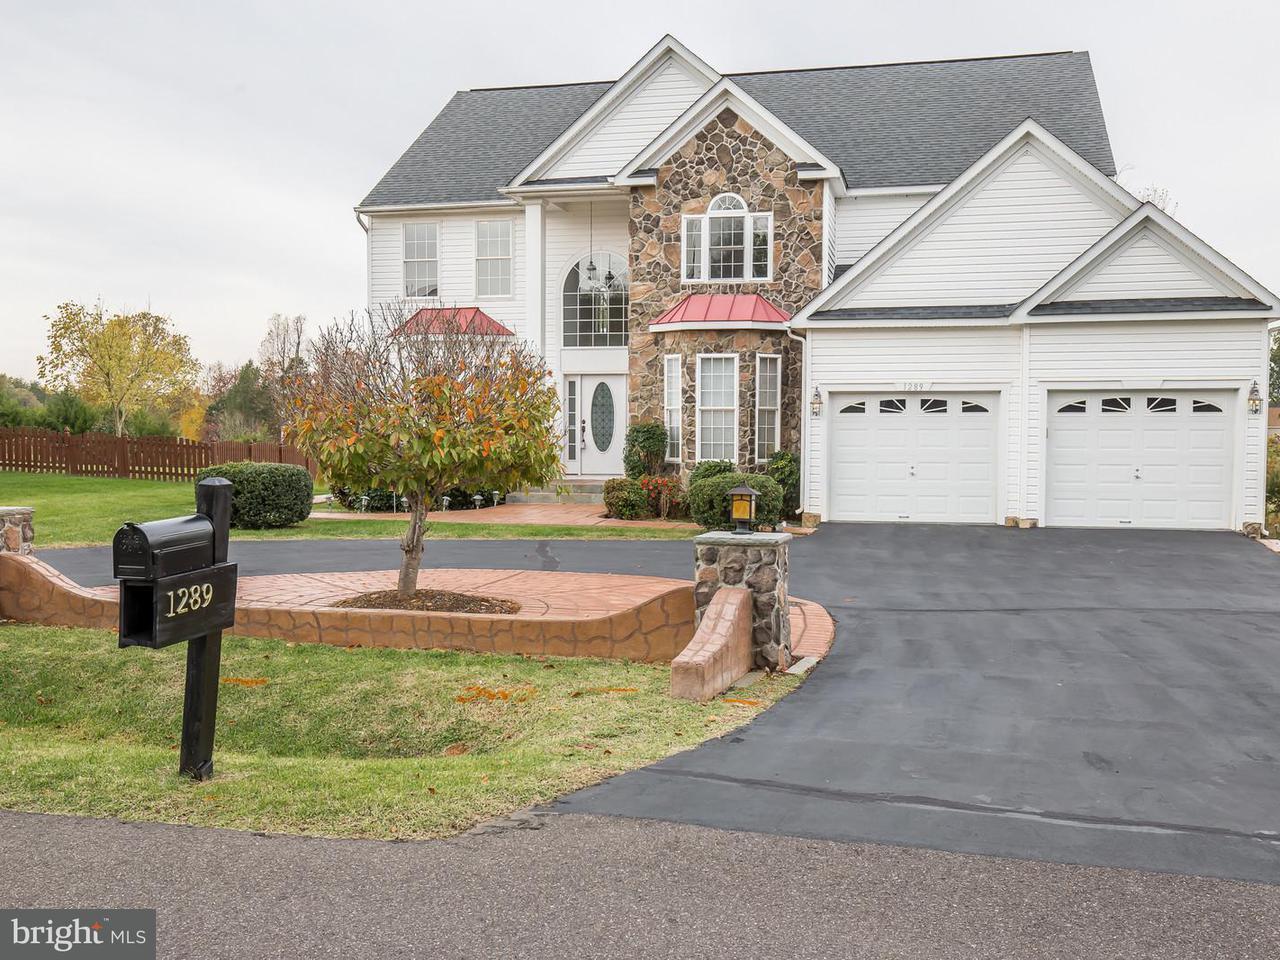 Einfamilienhaus für Verkauf beim 1289 GREENFIELD Court 1289 GREENFIELD Court Locust Grove, Virginia 22508 Vereinigte Staaten